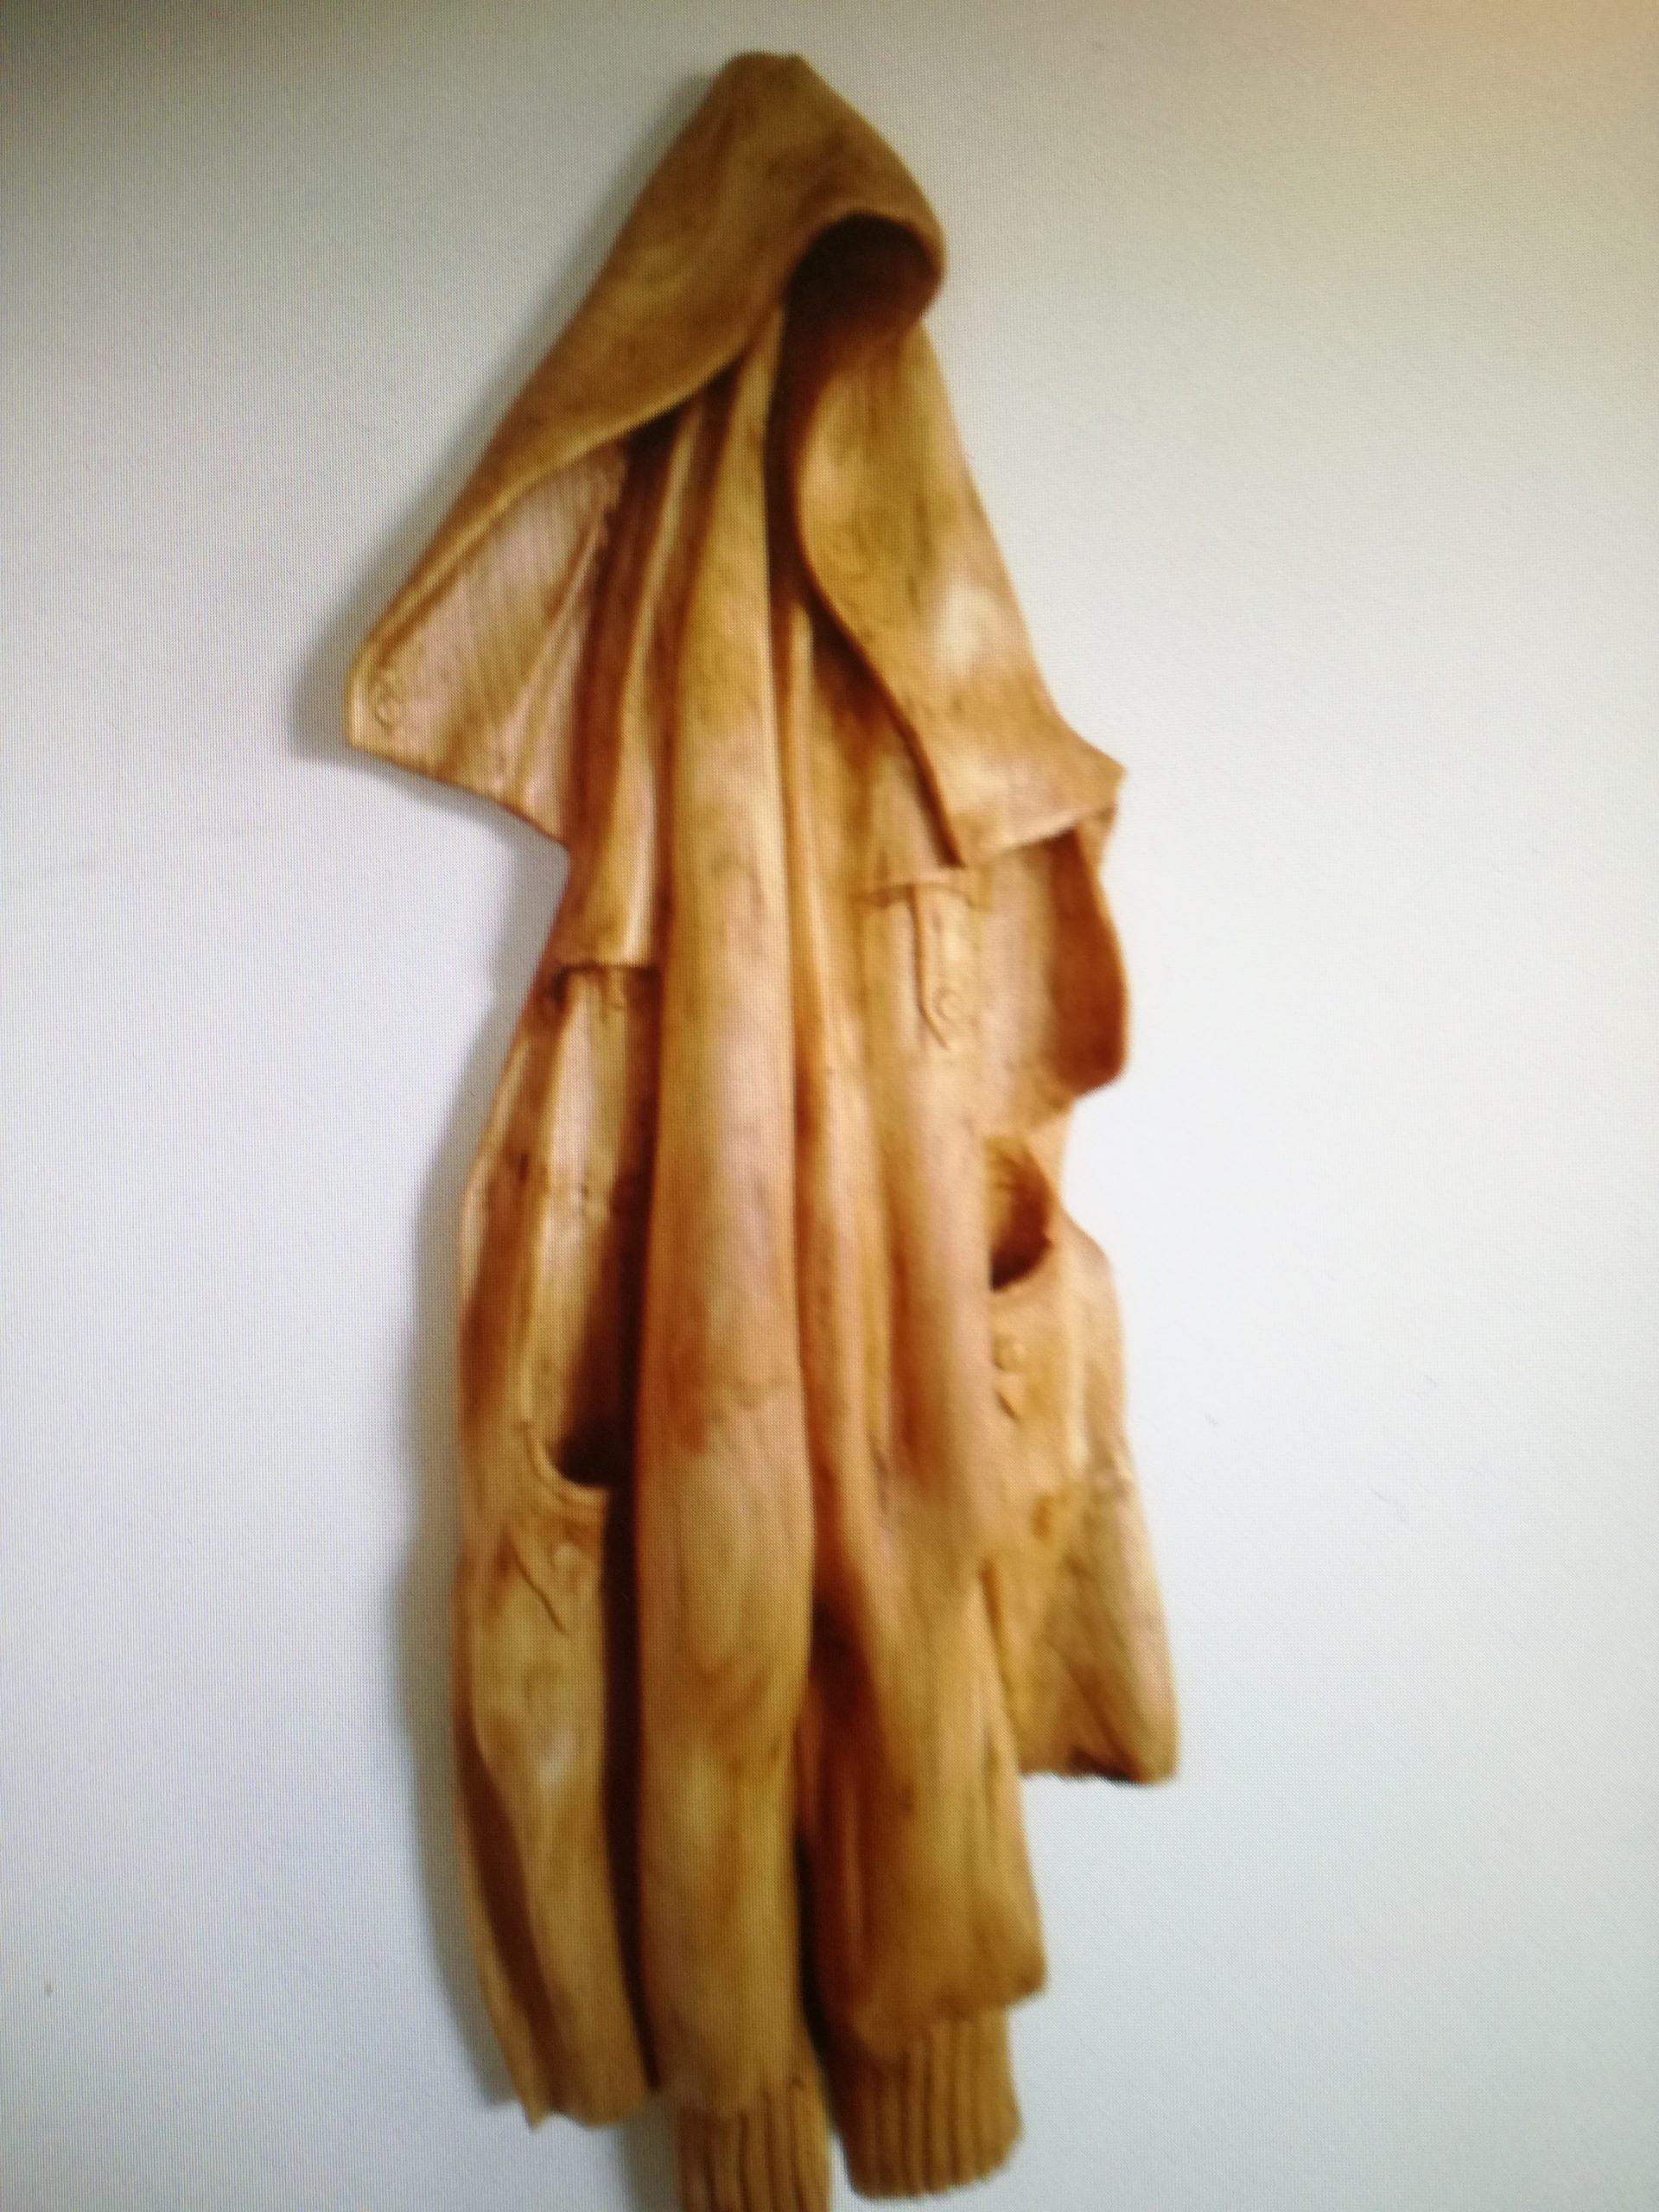 Houten Jas - Beeldhouwen - 70 x 35 cm